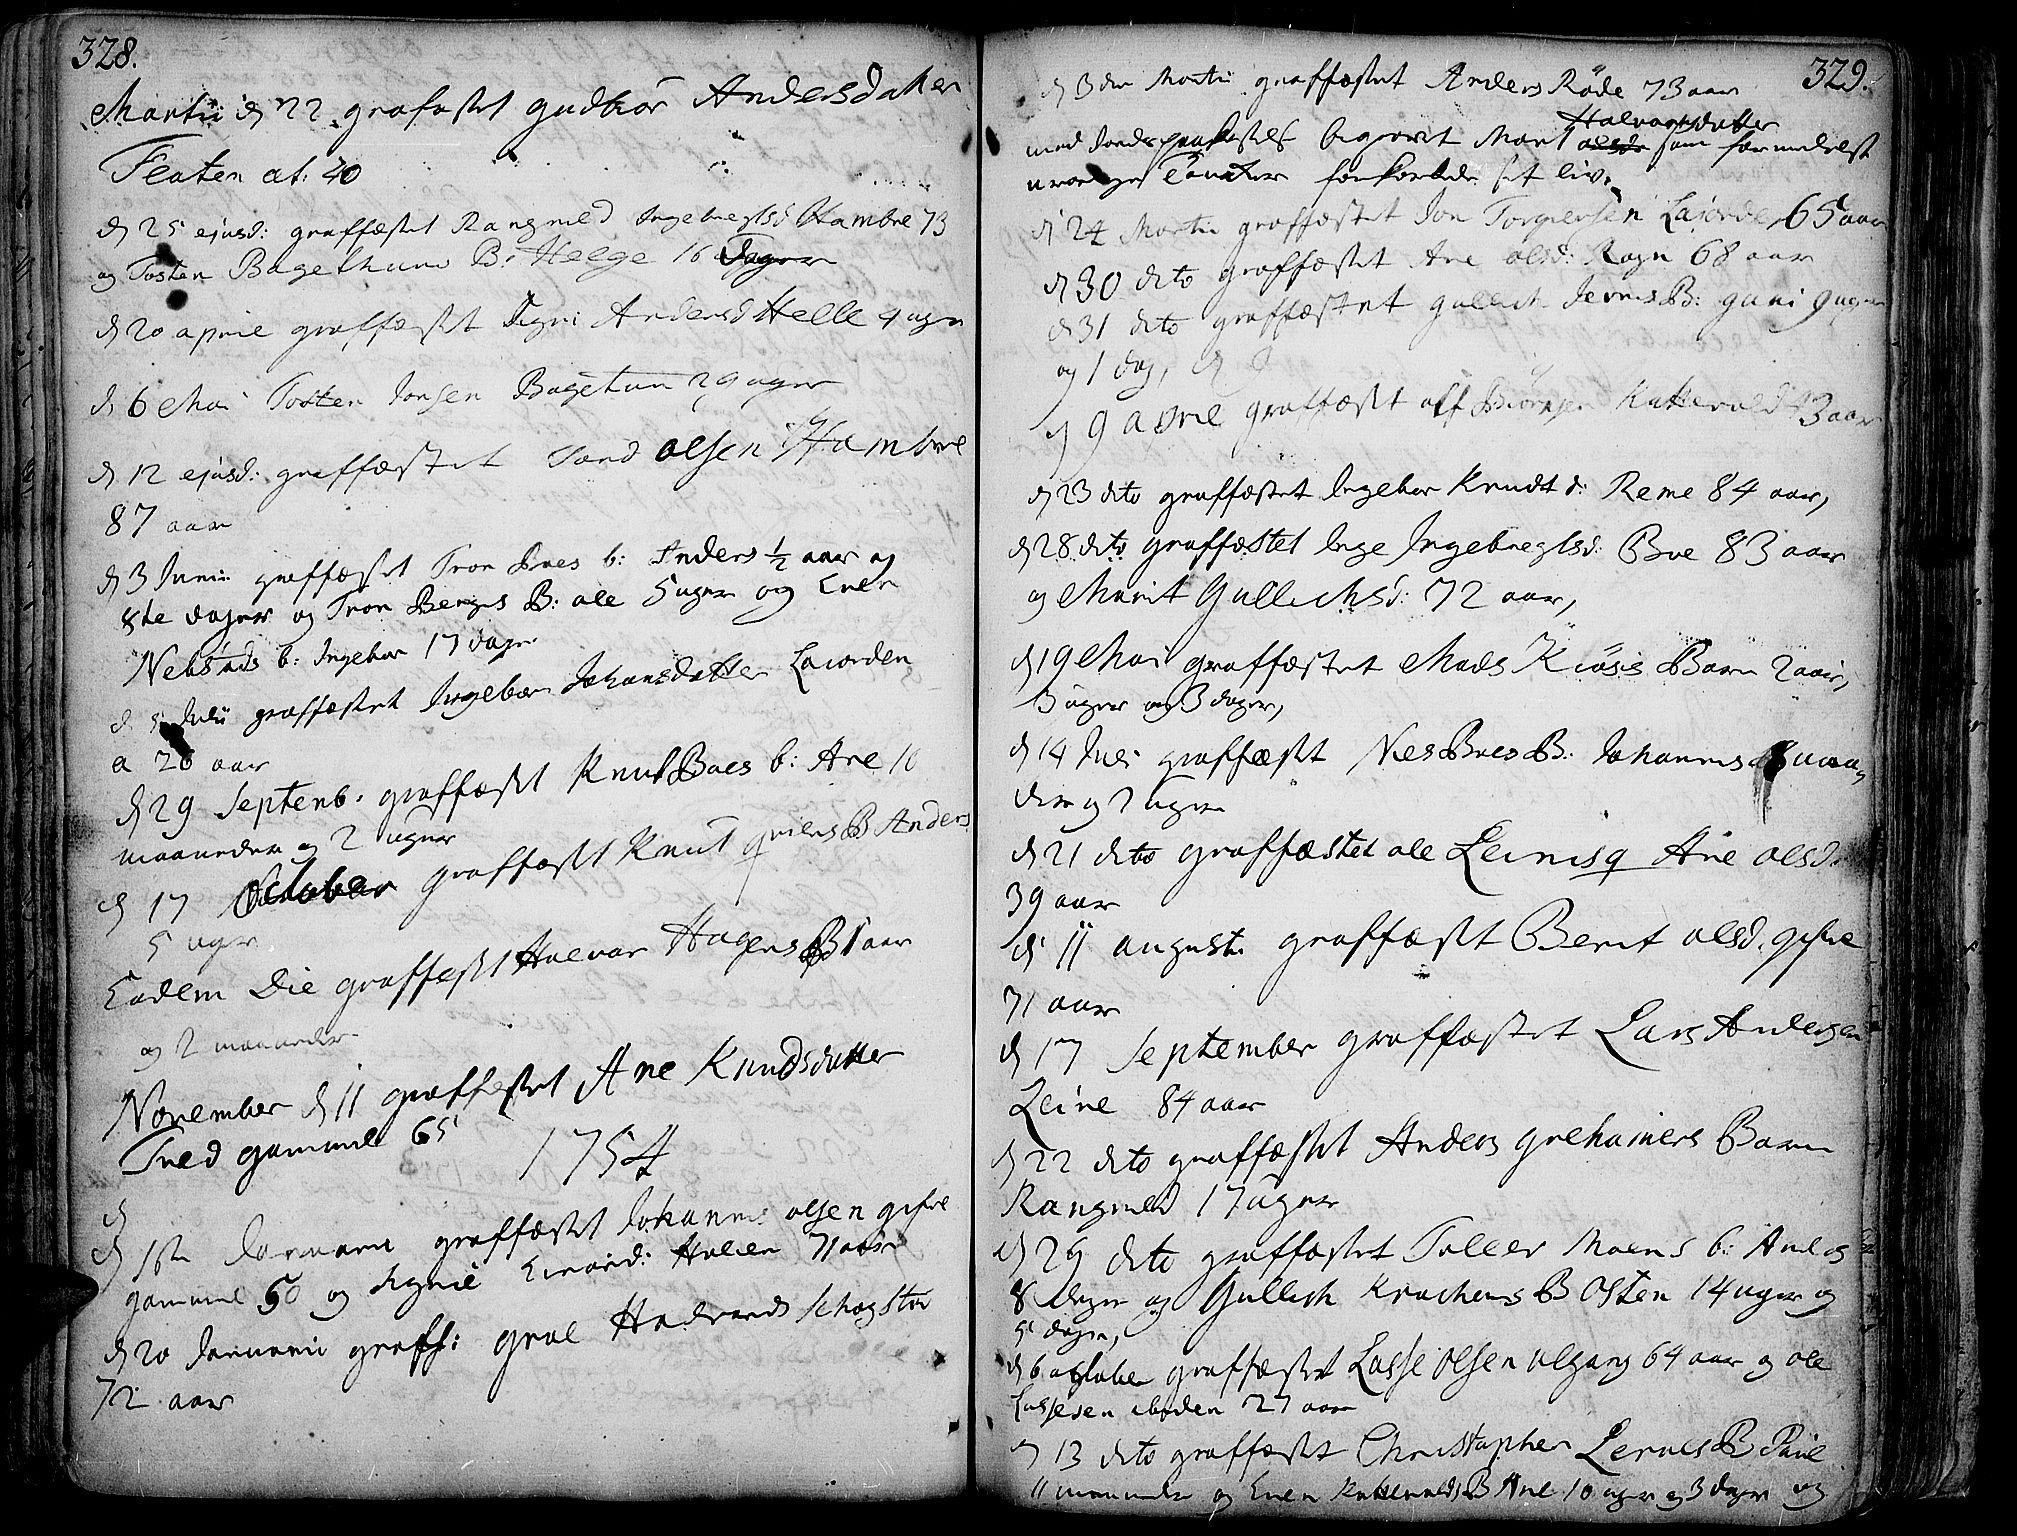 SAH, Vang prestekontor, Valdres, Ministerialbok nr. 1, 1730-1796, s. 328-329